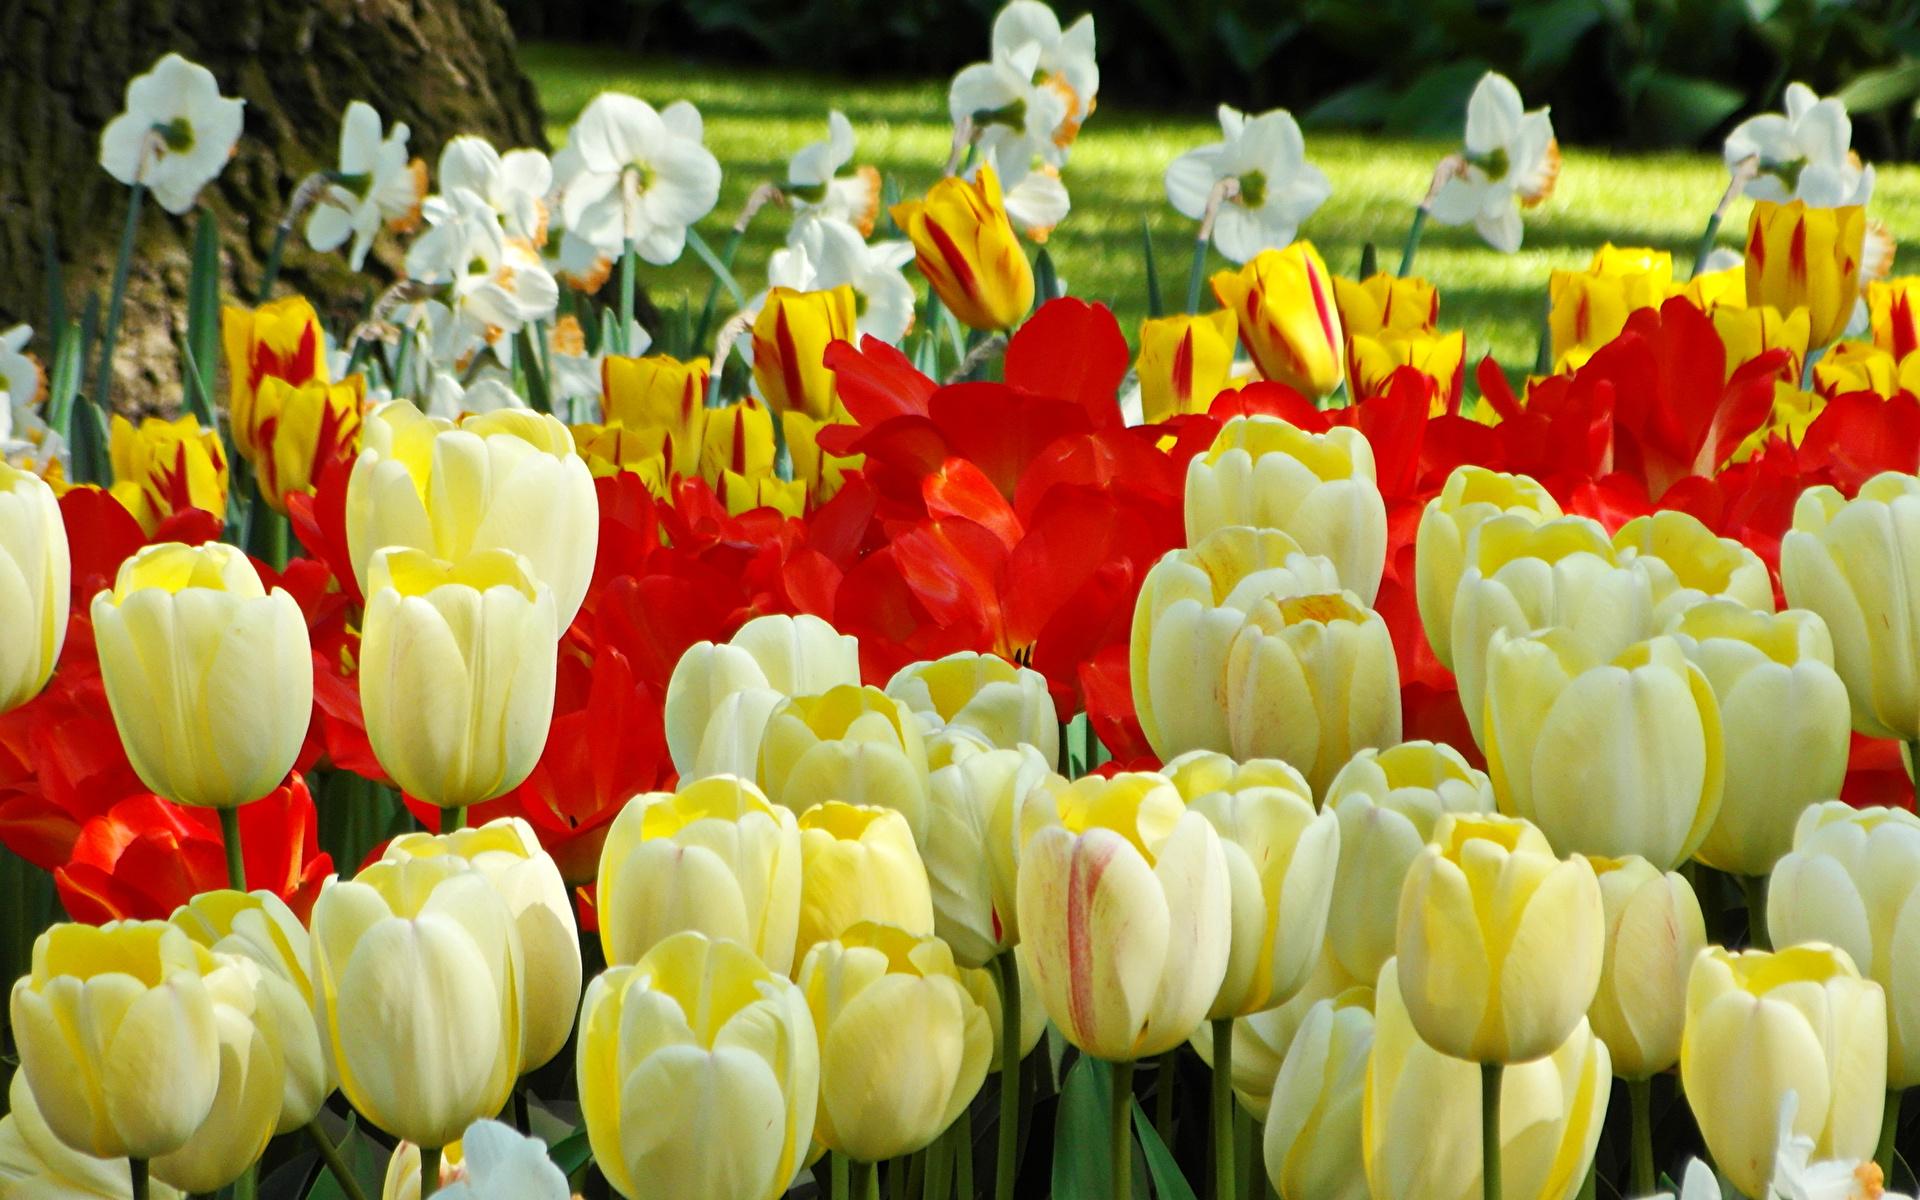 Фото Тюльпаны Цветы Нарциссы Много вблизи 1920x1200 тюльпан цветок Крупным планом